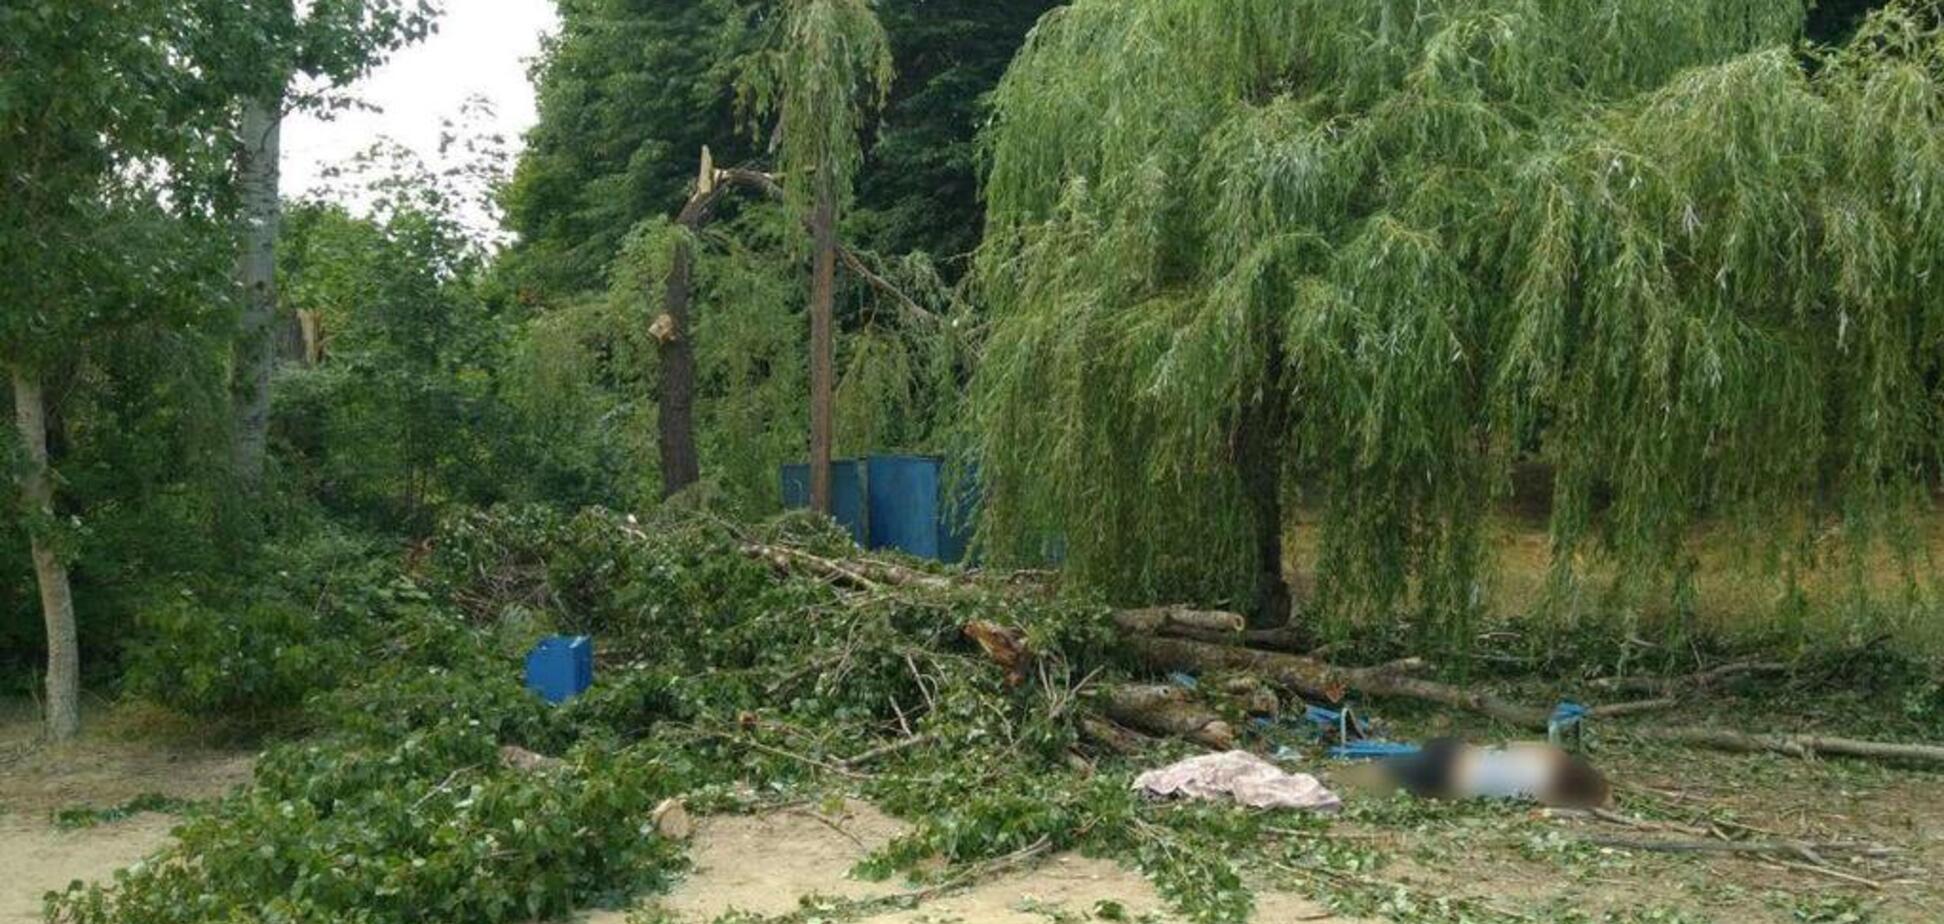 На Харьковщине в санатории дерево раздавило людей: фото 18+